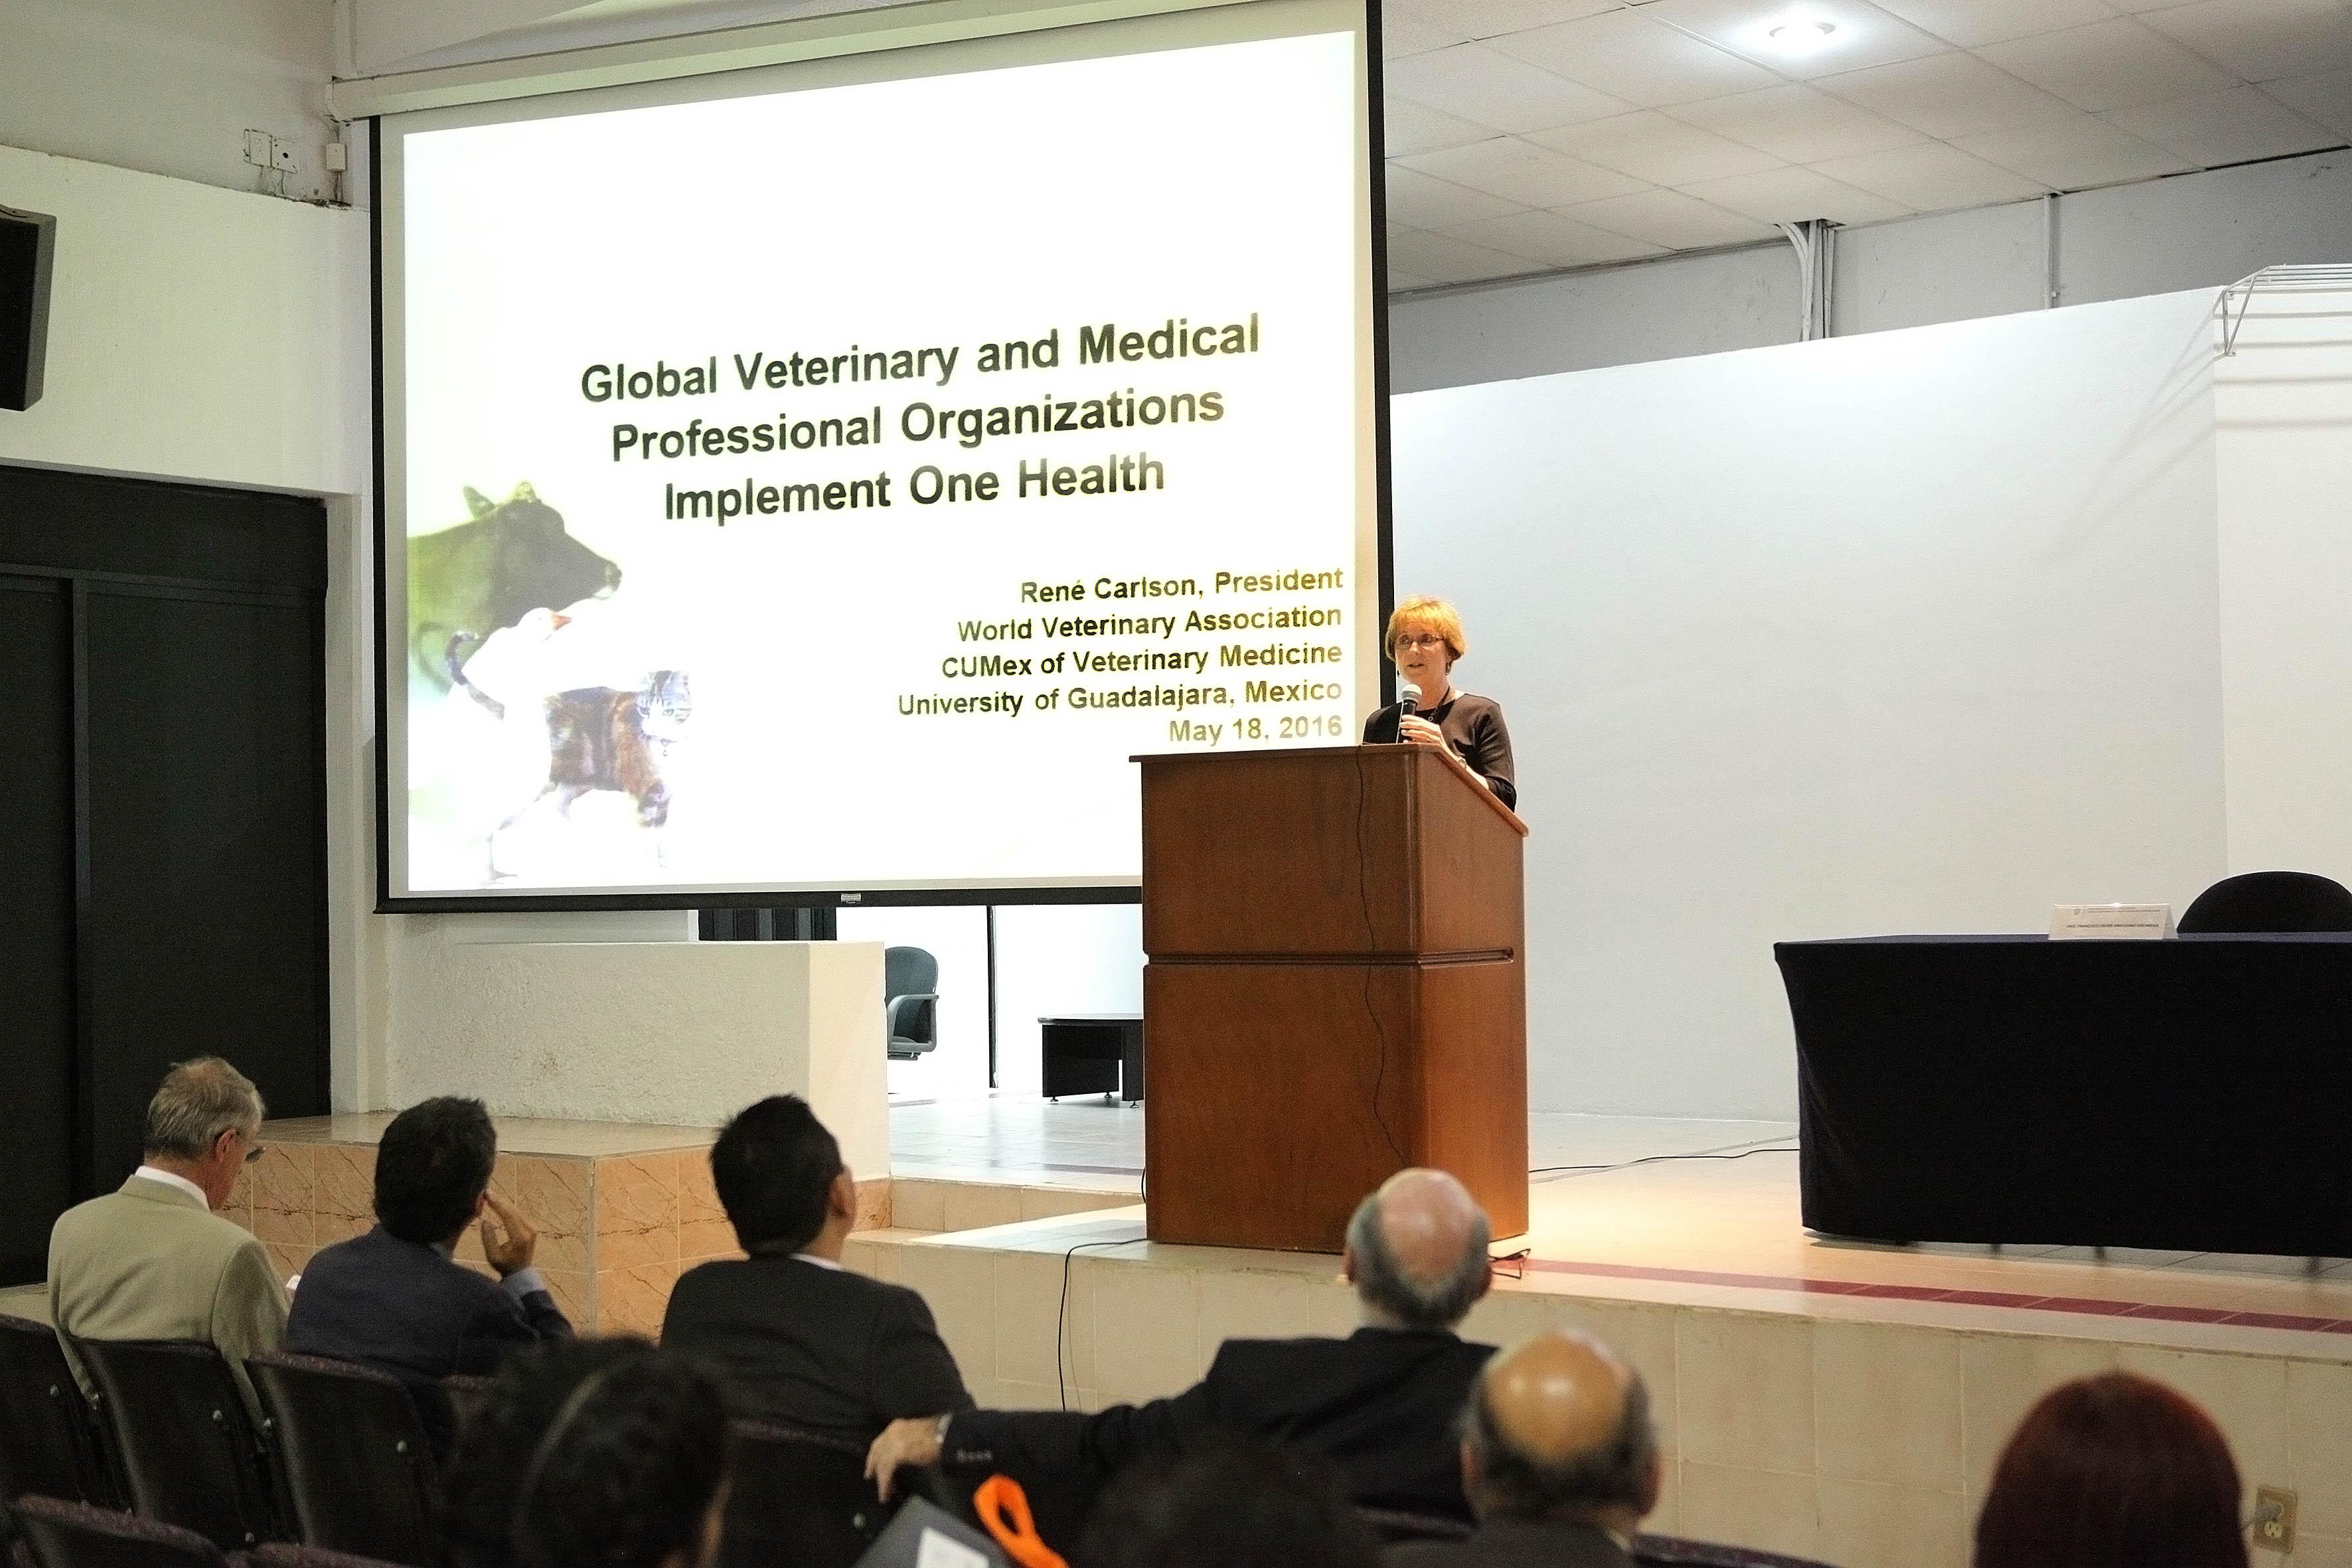 Presidenta de la Asociación Mundial Veterinaria, doctora René Carlson,participando en la conferencia magistral sobre veterinaria global